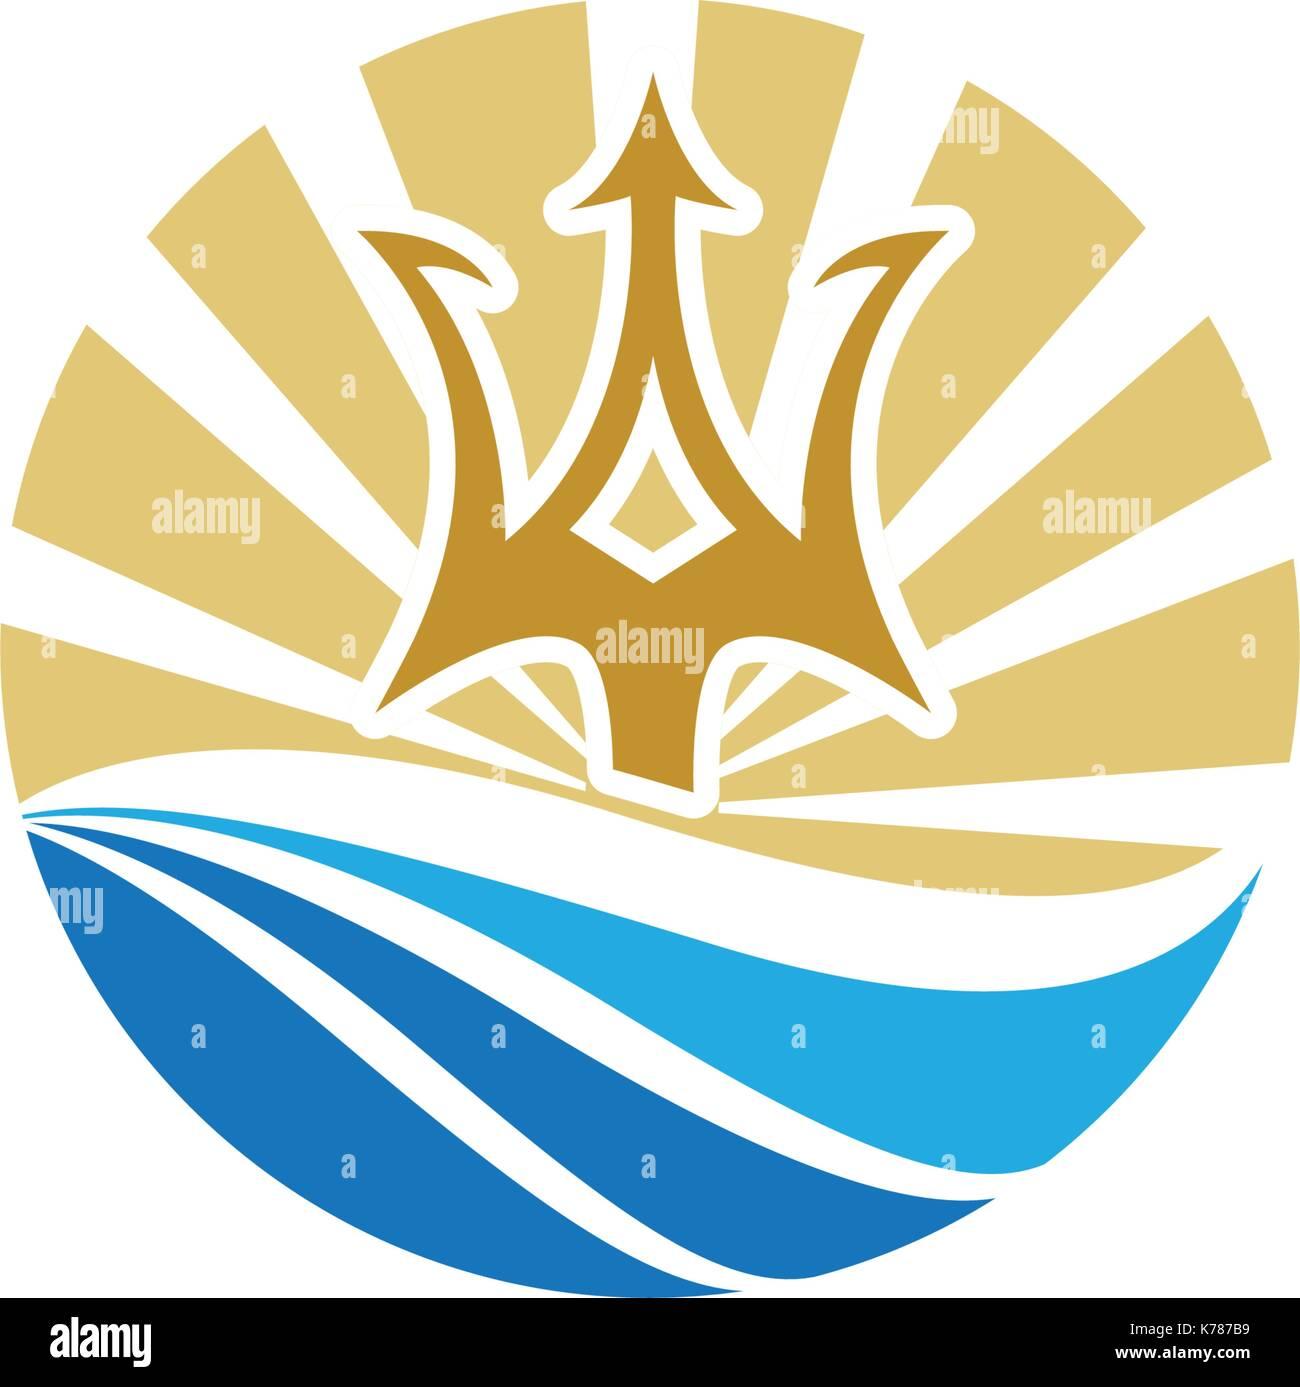 Trident Logo Plantilla icono diseño ilustración vectorial Ilustración del Vector